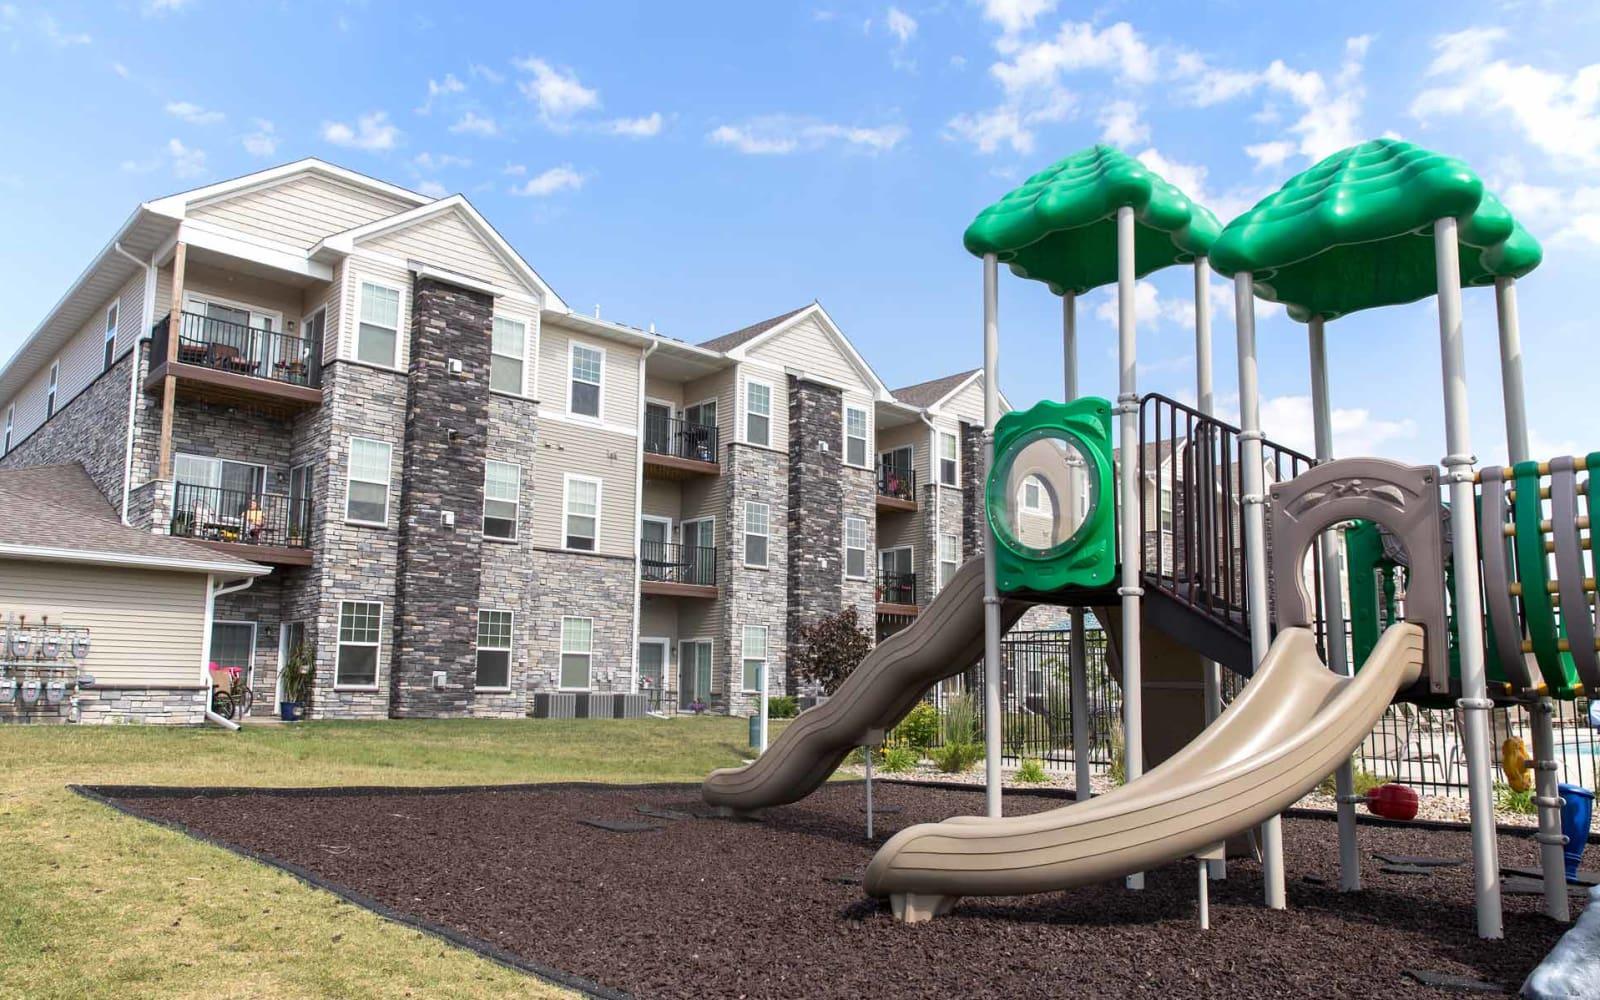 Children's playground at Ironwood in Altoona, Iowa